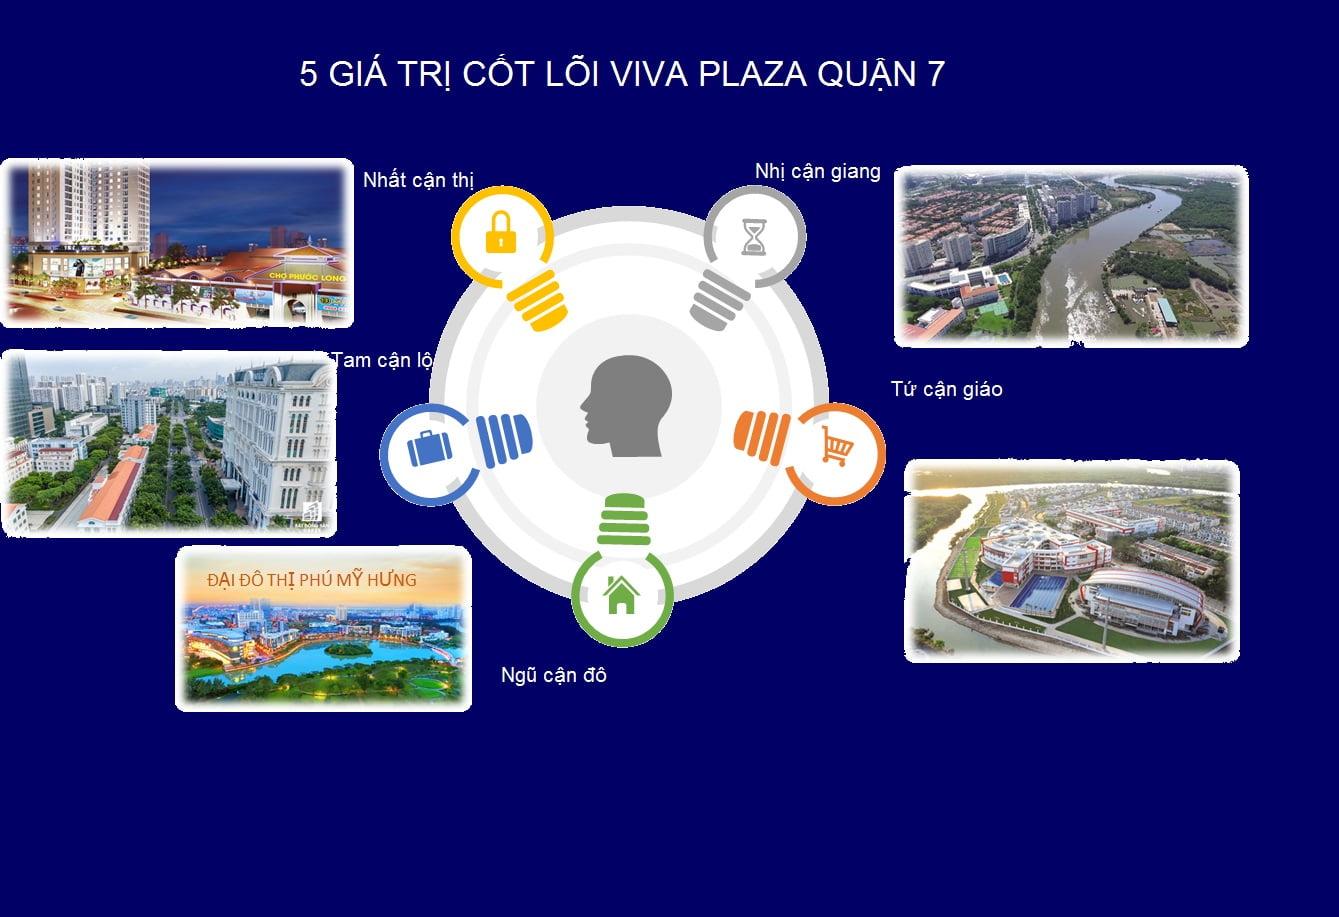 5 giá trị cốt lõi dự án căn hộ Viva Plaza Quận 7